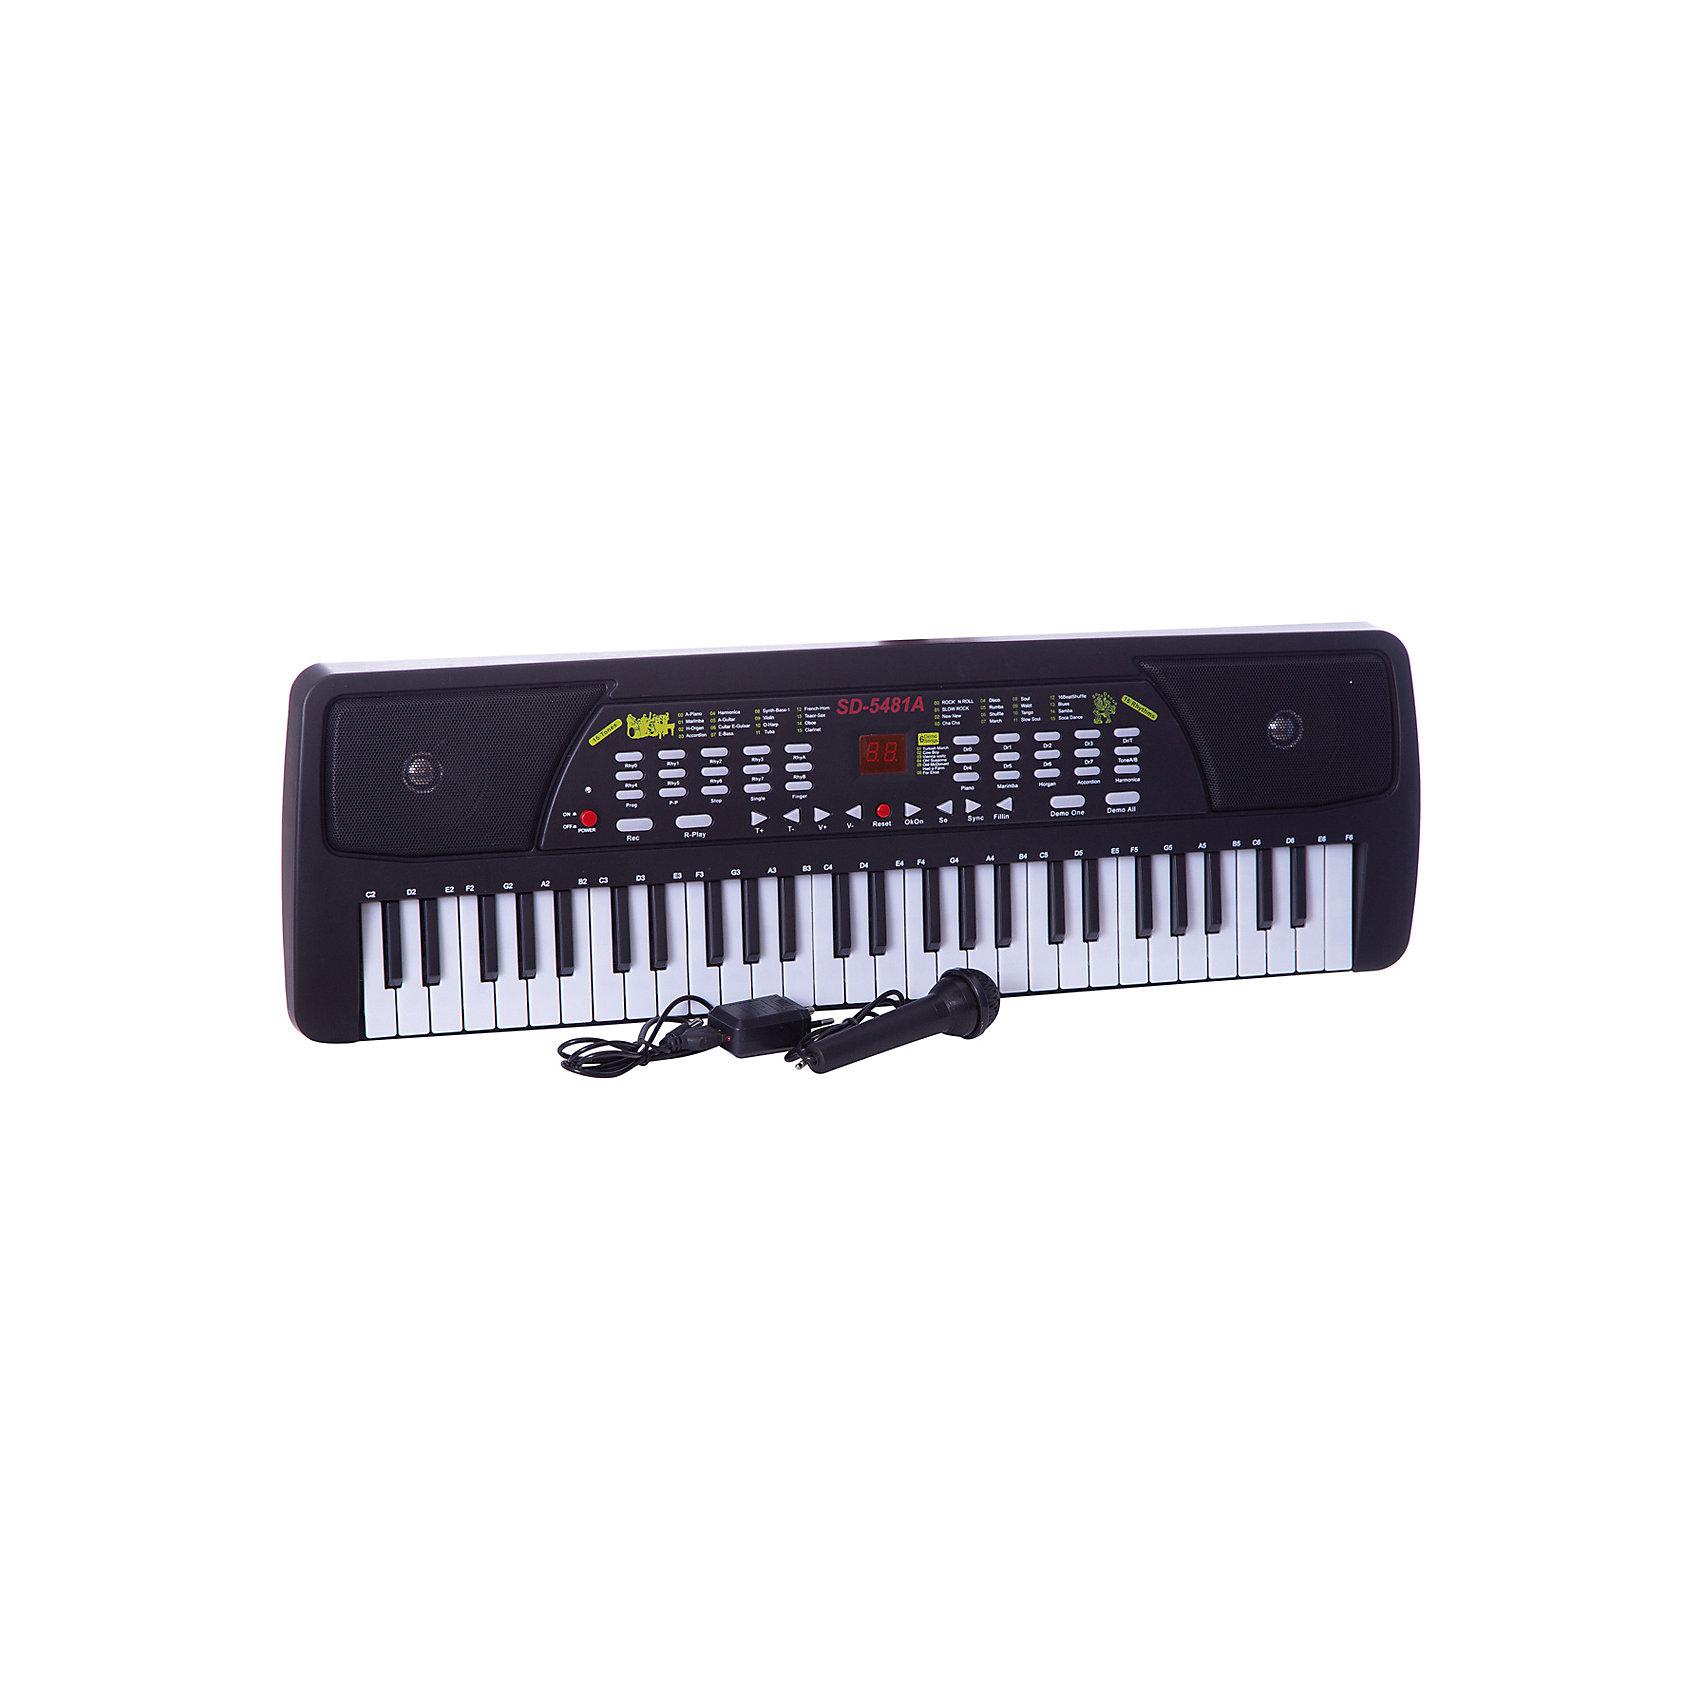 DoReMi Синтезатор с микрофоном, 54 клавишиДетские музыкальные инструменты<br>Настоящий, почти взрослый синтезатор позволит ребенку почувствовать себя настоящим музыкантом. У него 54 клавиши, микрофон, 6 предзаписанных мелодий, 16 тональностей, 16 ритмов, встроенные функции программирования ритма, записи и воспроизведения. <br><br>Дополнительная информация:<br><br>Размеры: 68,5x8,7x23,6<br>Работает как от сети (DC6V - в комплекте), так и от батареек (4хАА - в комплекте нет)<br>Регулировка громкости и темпа<br><br>DoReMi Синтезатор с микрофоном, 54 клавиши можно купить в нашем магазине.<br><br>Ширина мм: 685<br>Глубина мм: 87<br>Высота мм: 236<br>Вес г: 1830<br>Возраст от месяцев: 60<br>Возраст до месяцев: 1188<br>Пол: Унисекс<br>Возраст: Детский<br>SKU: 2557197